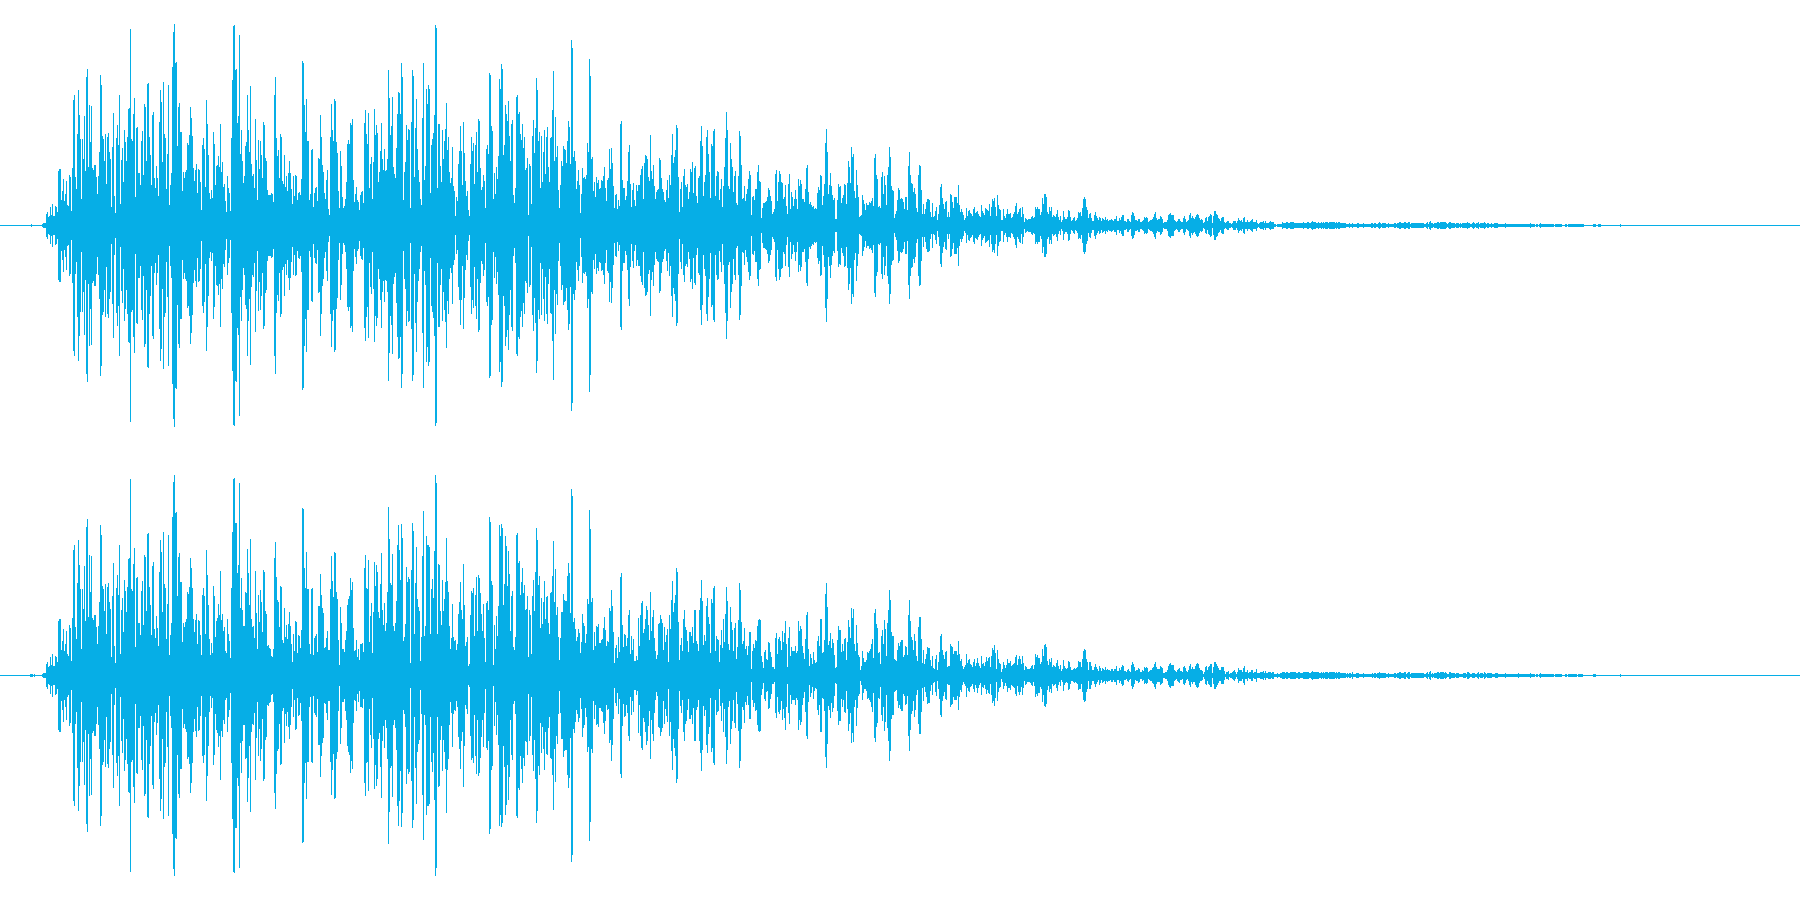 ドラゴン モンスター ダメージ 弱の再生済みの波形